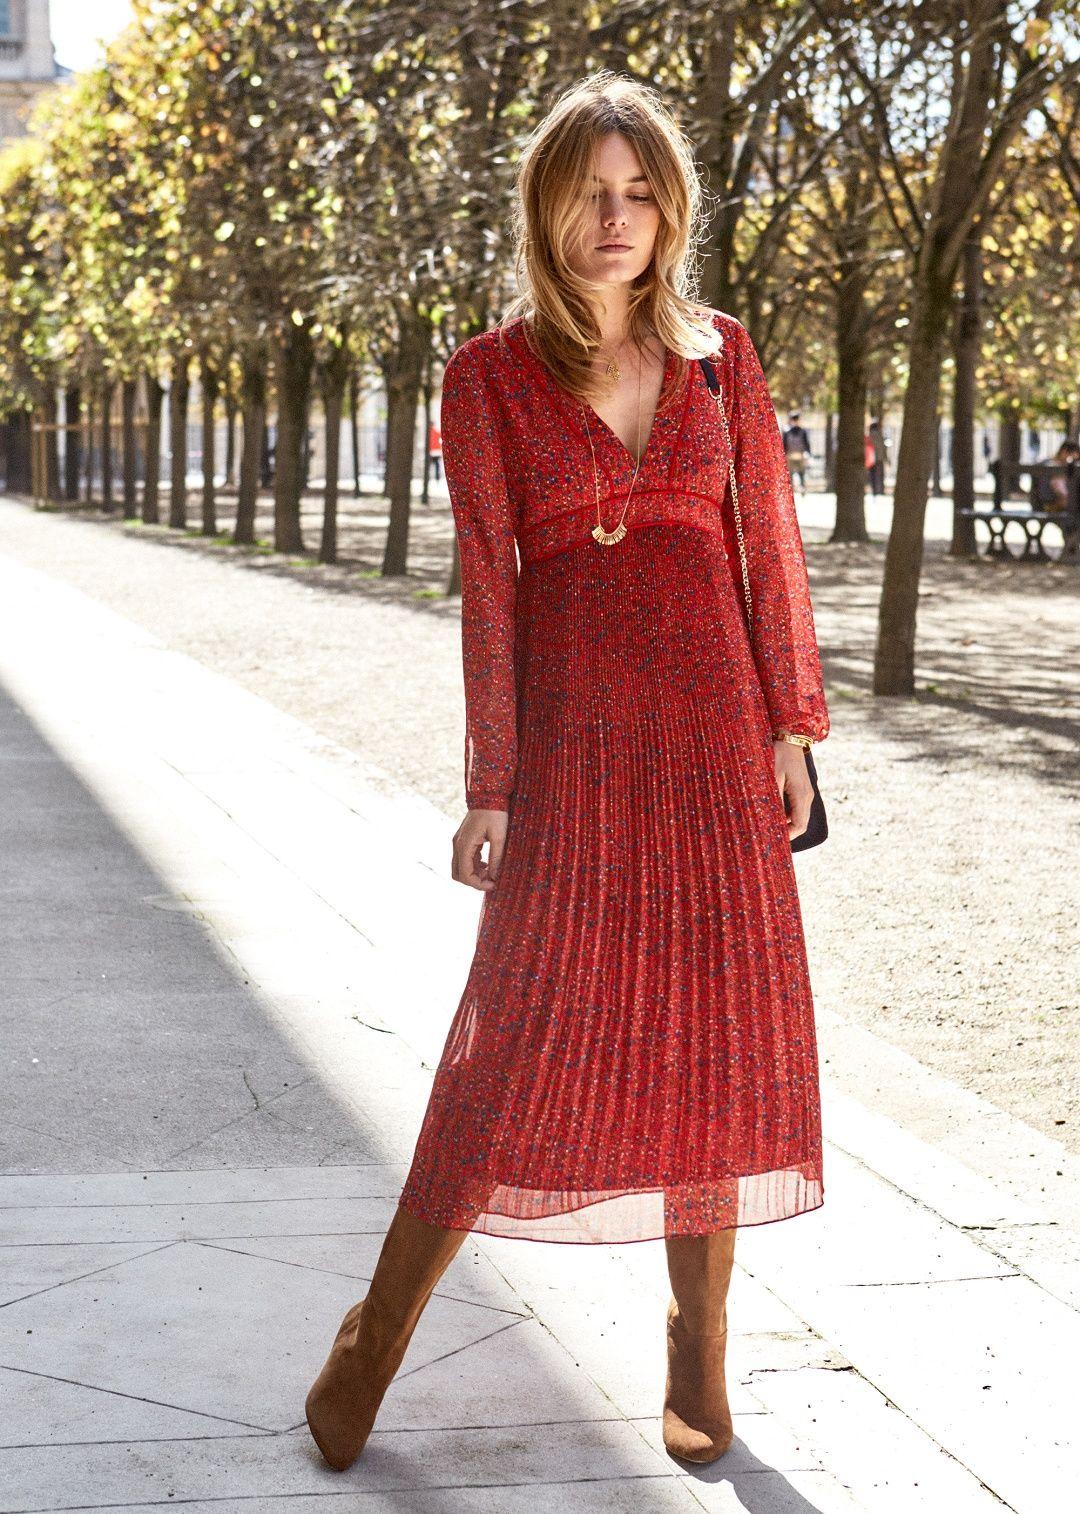 Sezane Robe Petra T38 Vetement Pinterest Robe Sezane Et